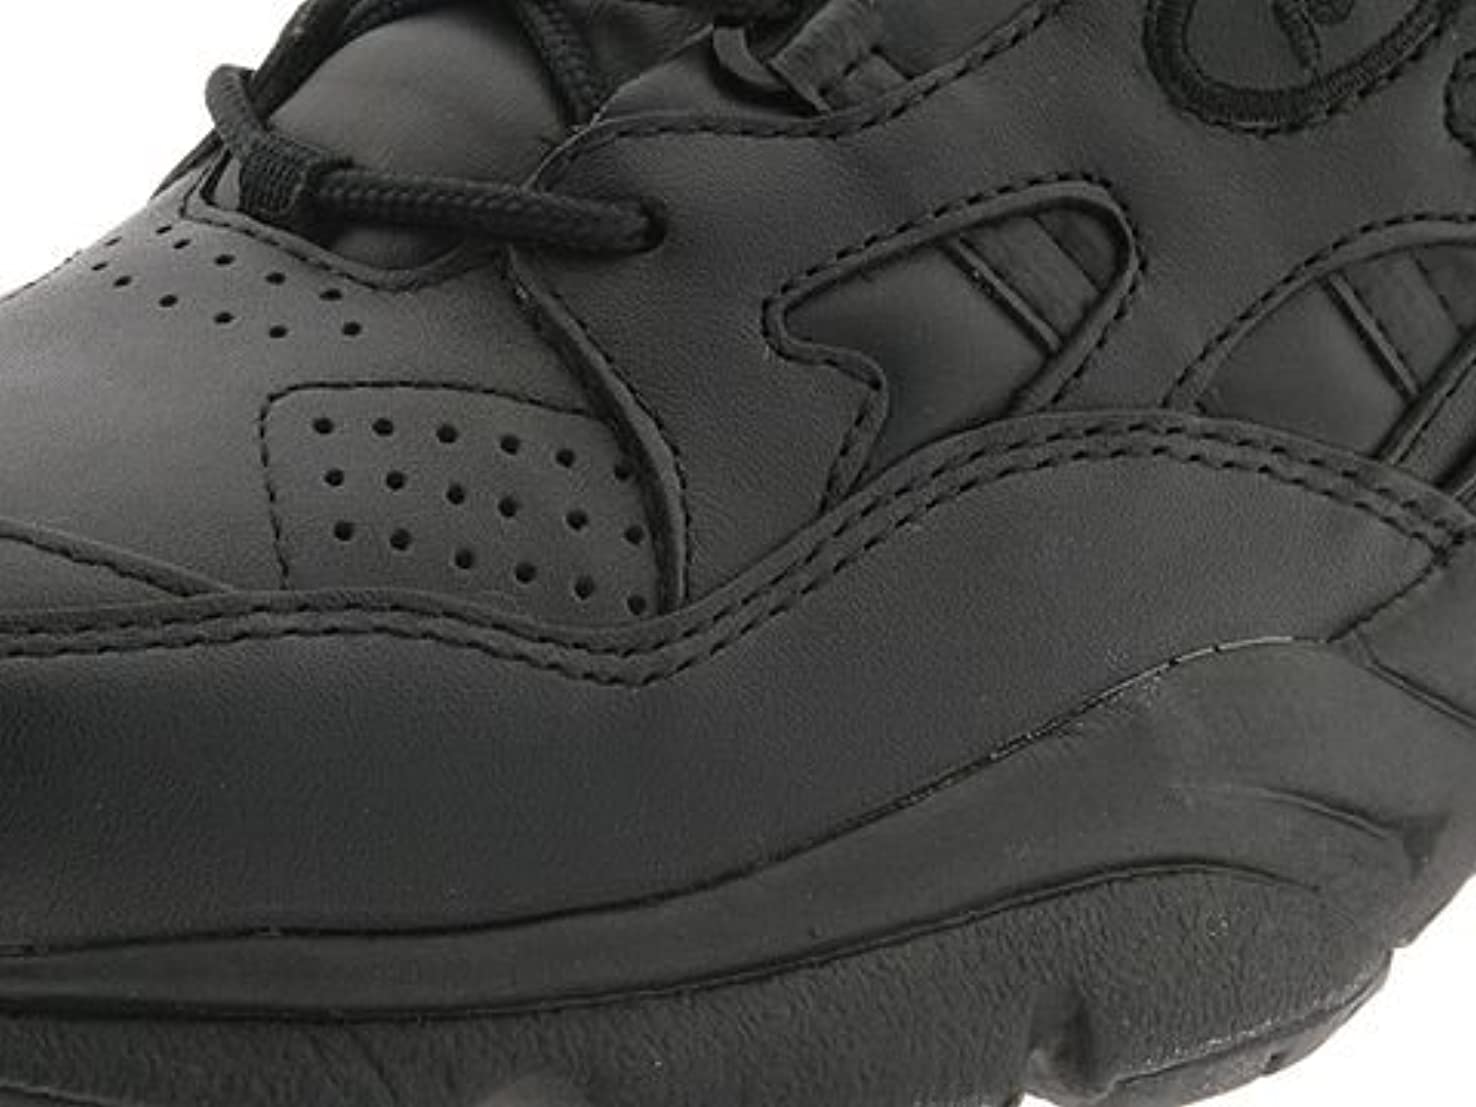 顕微鏡レギュラー野ウサギ[プロペット] レディースウォーキングシューズ?カジュアルスニーカー?靴 Stability Walker Medicare/HCPCS Code = A5500 Diabetic Shoe Black Leather 6.5 23.5cm M (B) [並行輸入品]